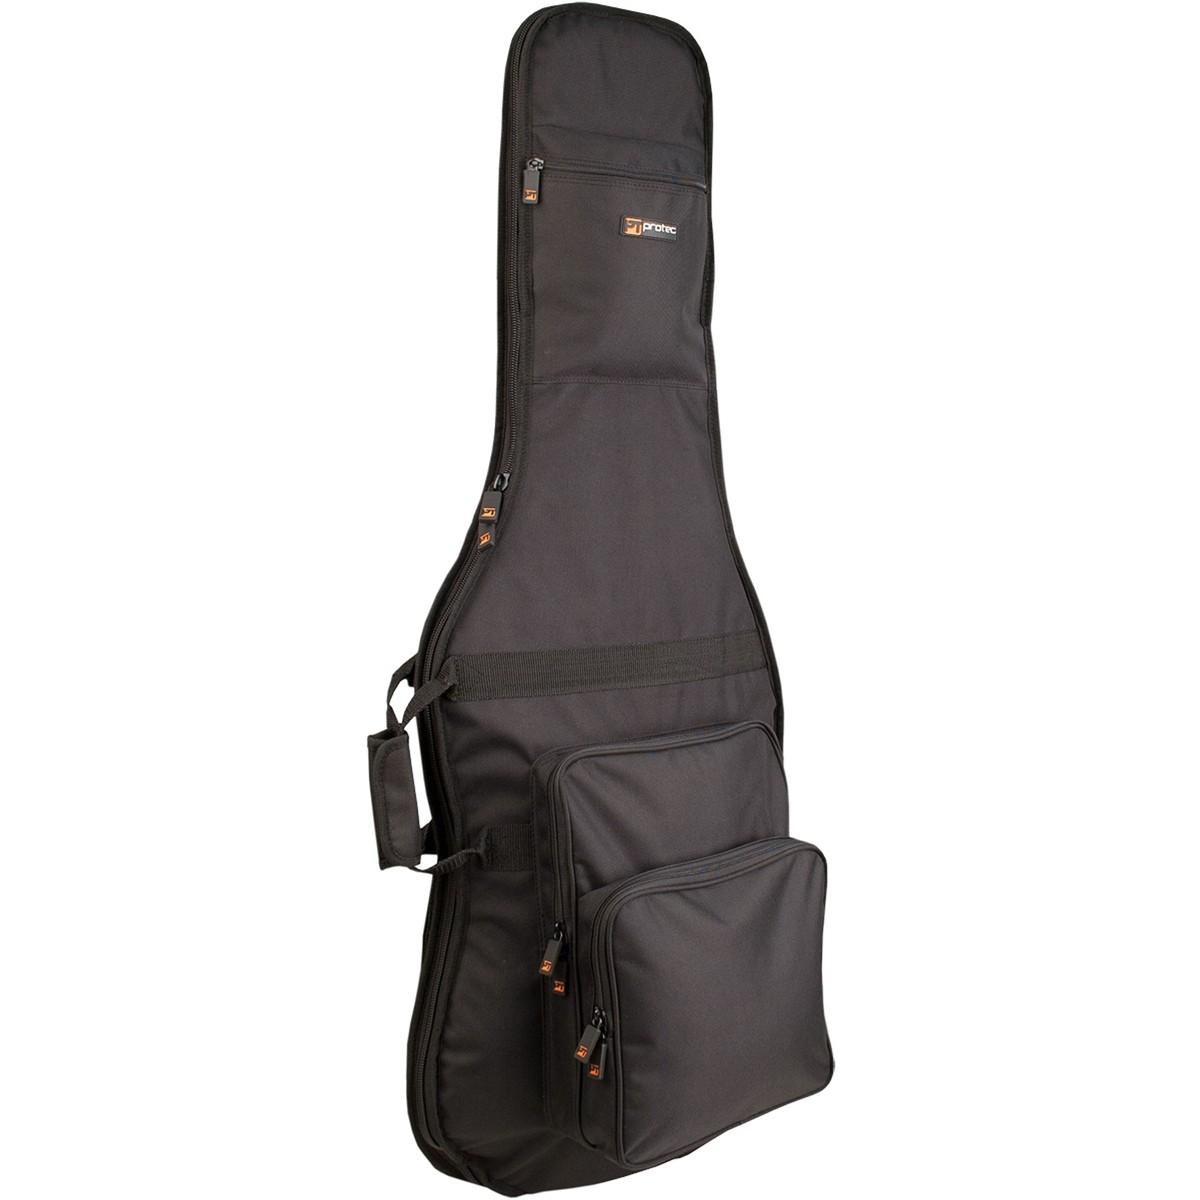 Protec Electric Guitar Gig Bag - Gold Series (CF234)